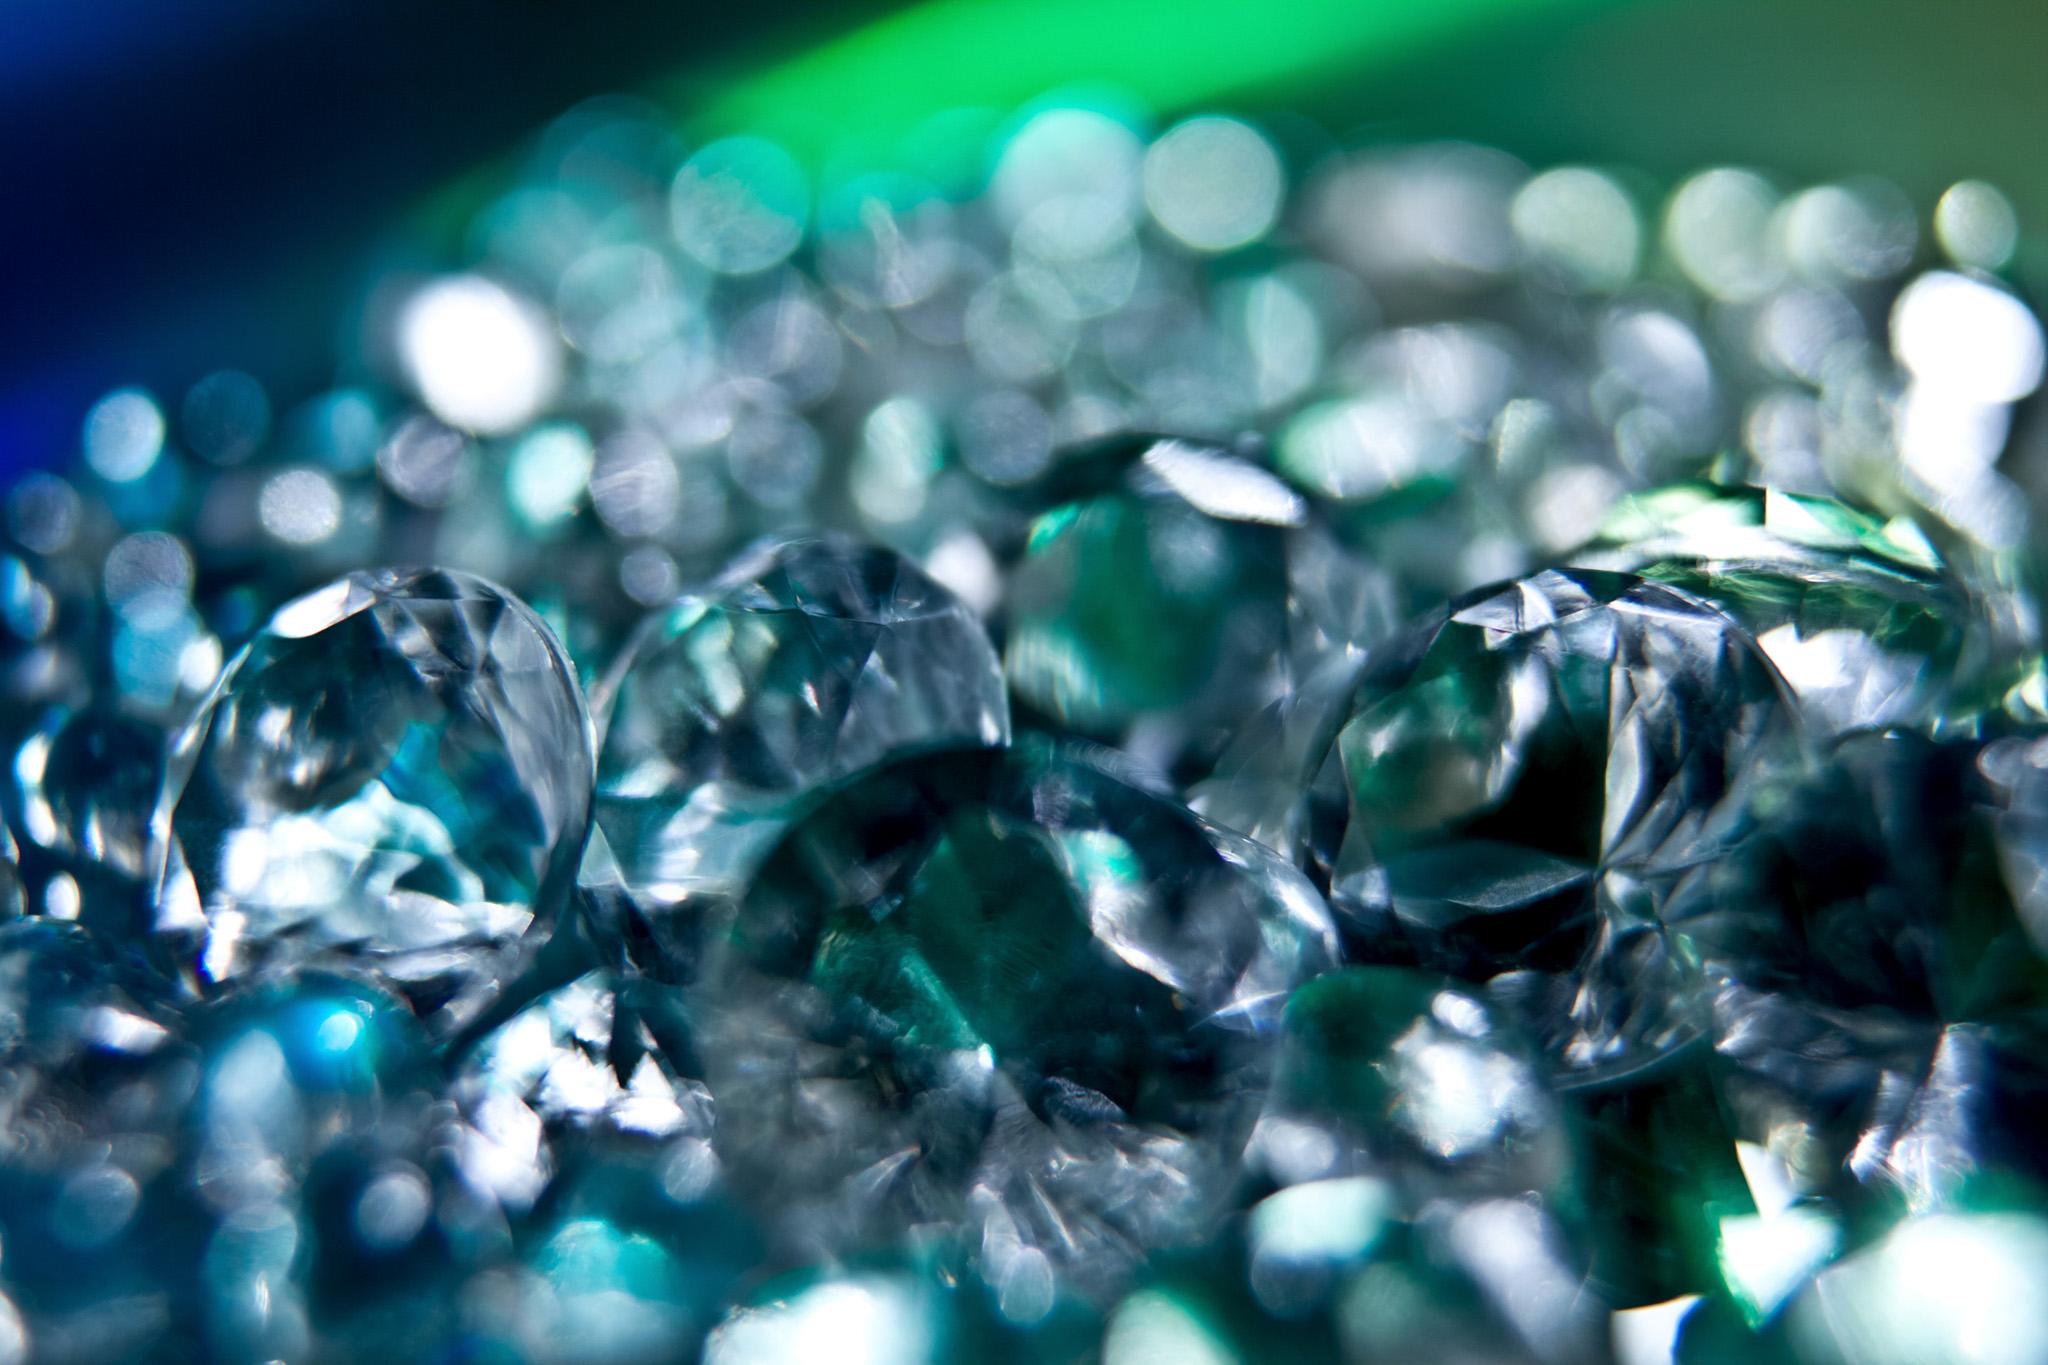 「緑の宝石のようなキラキラ」